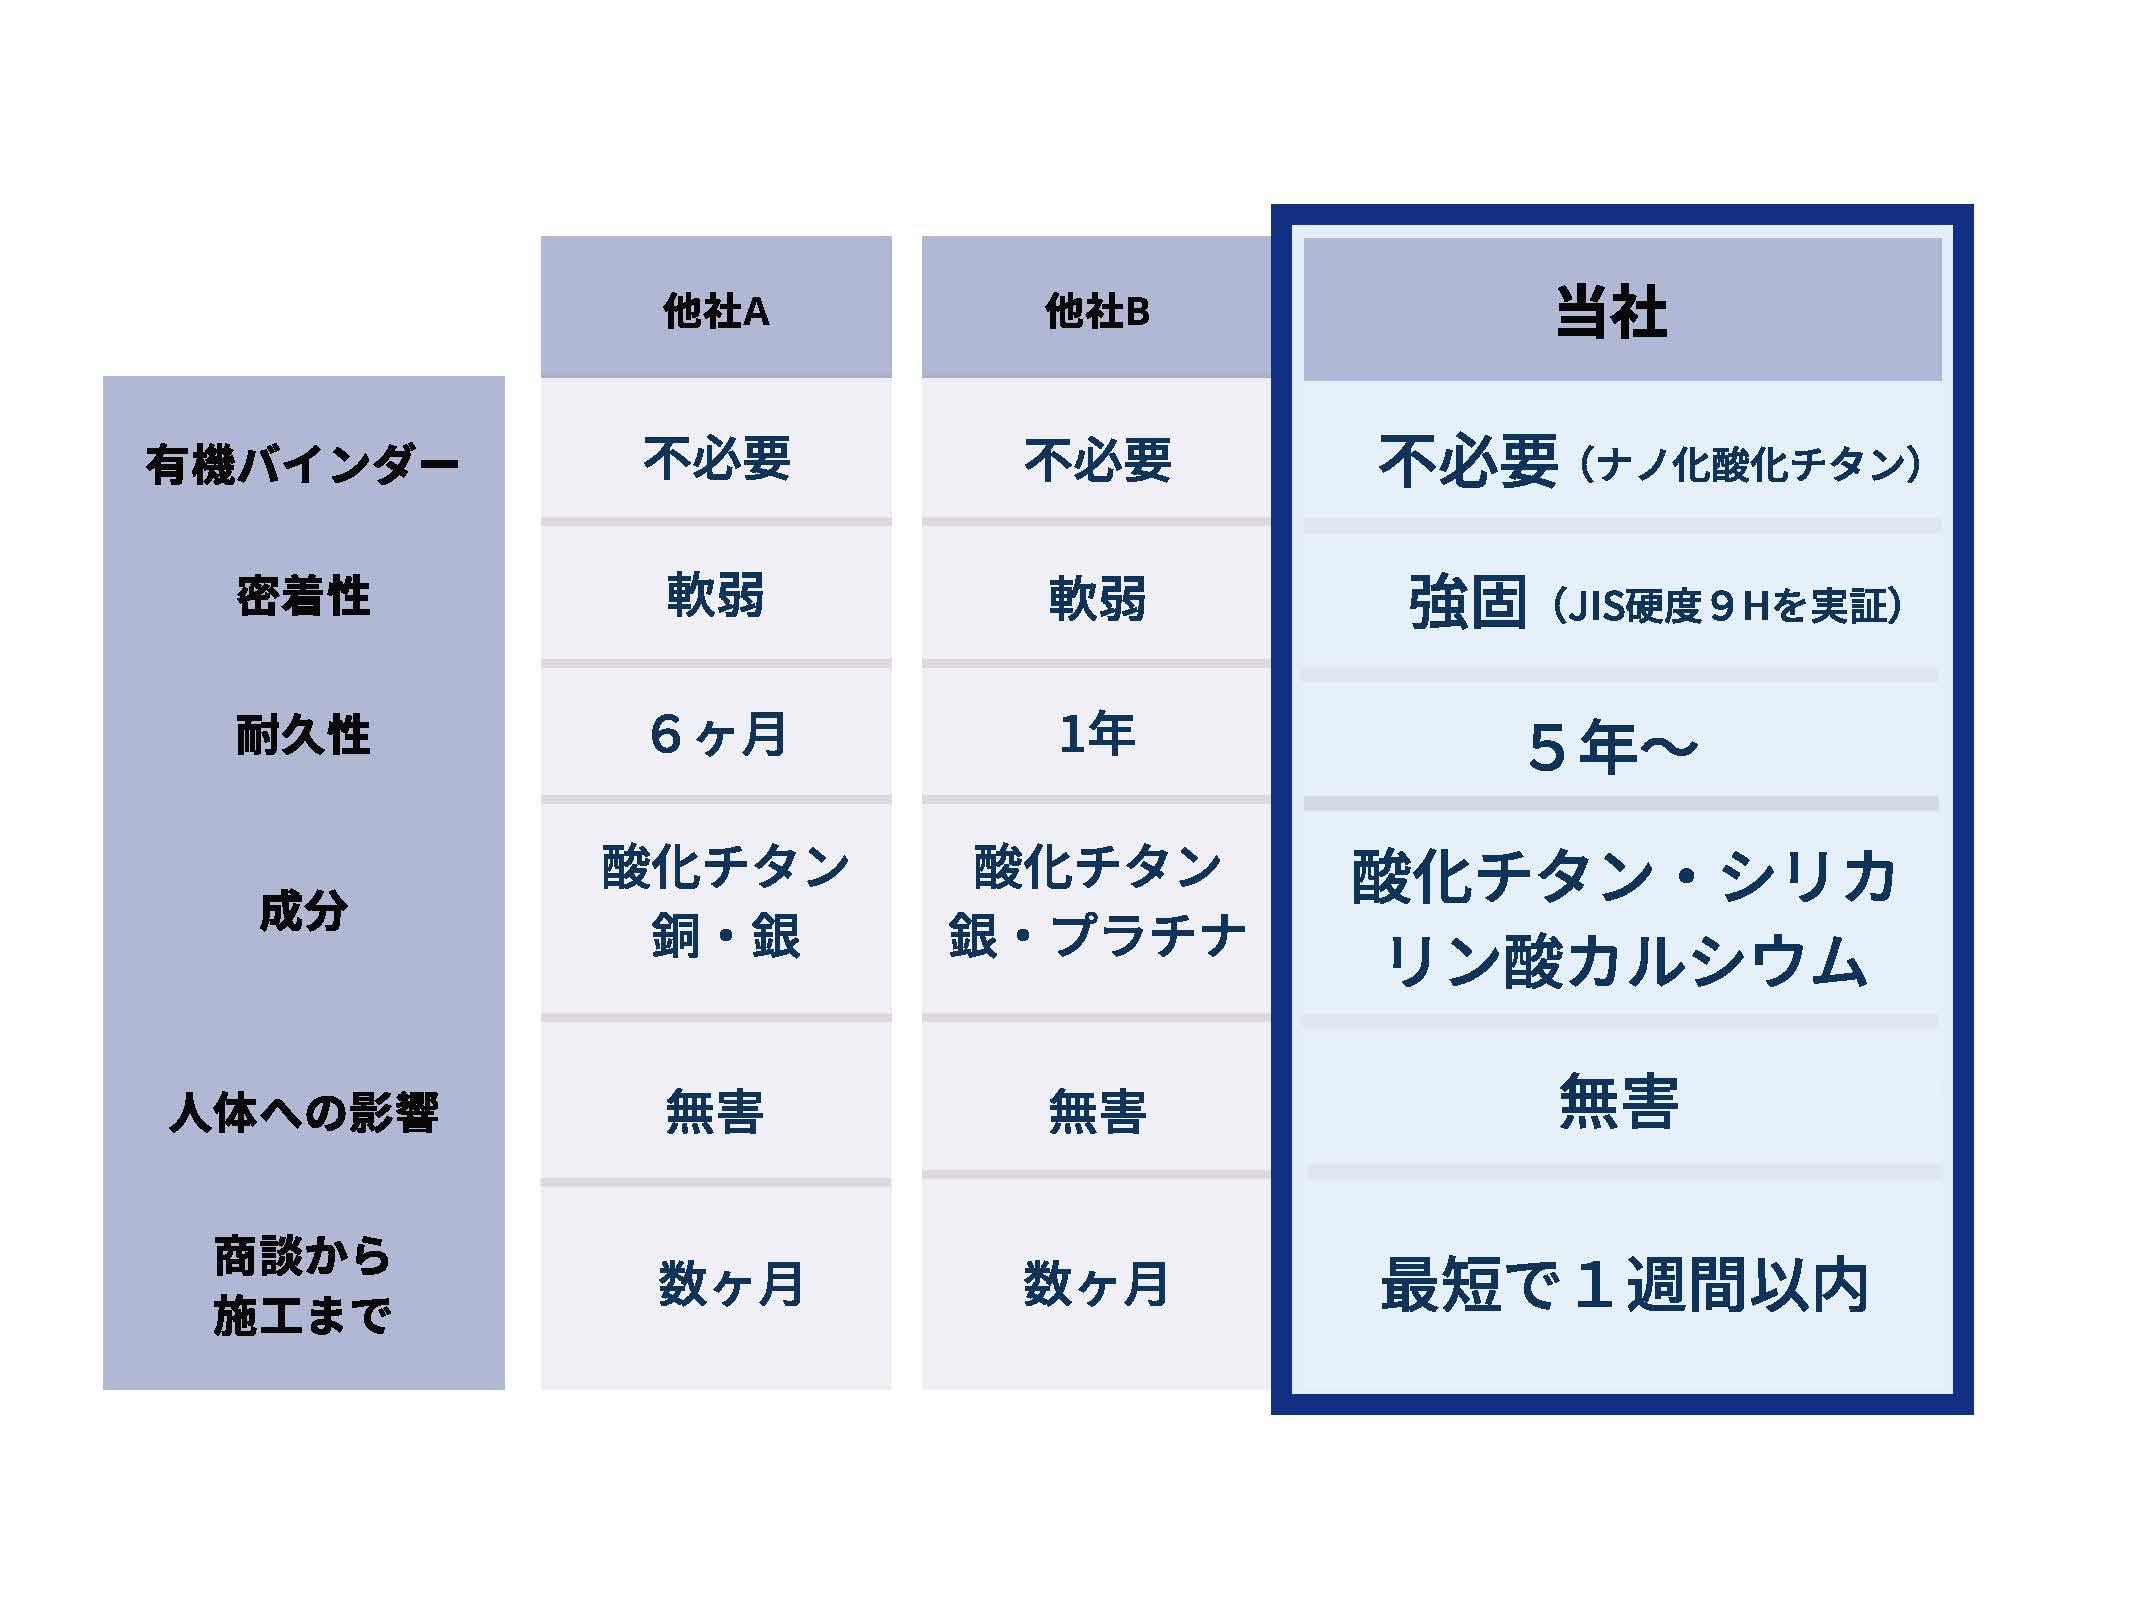 他社製品との比較の表